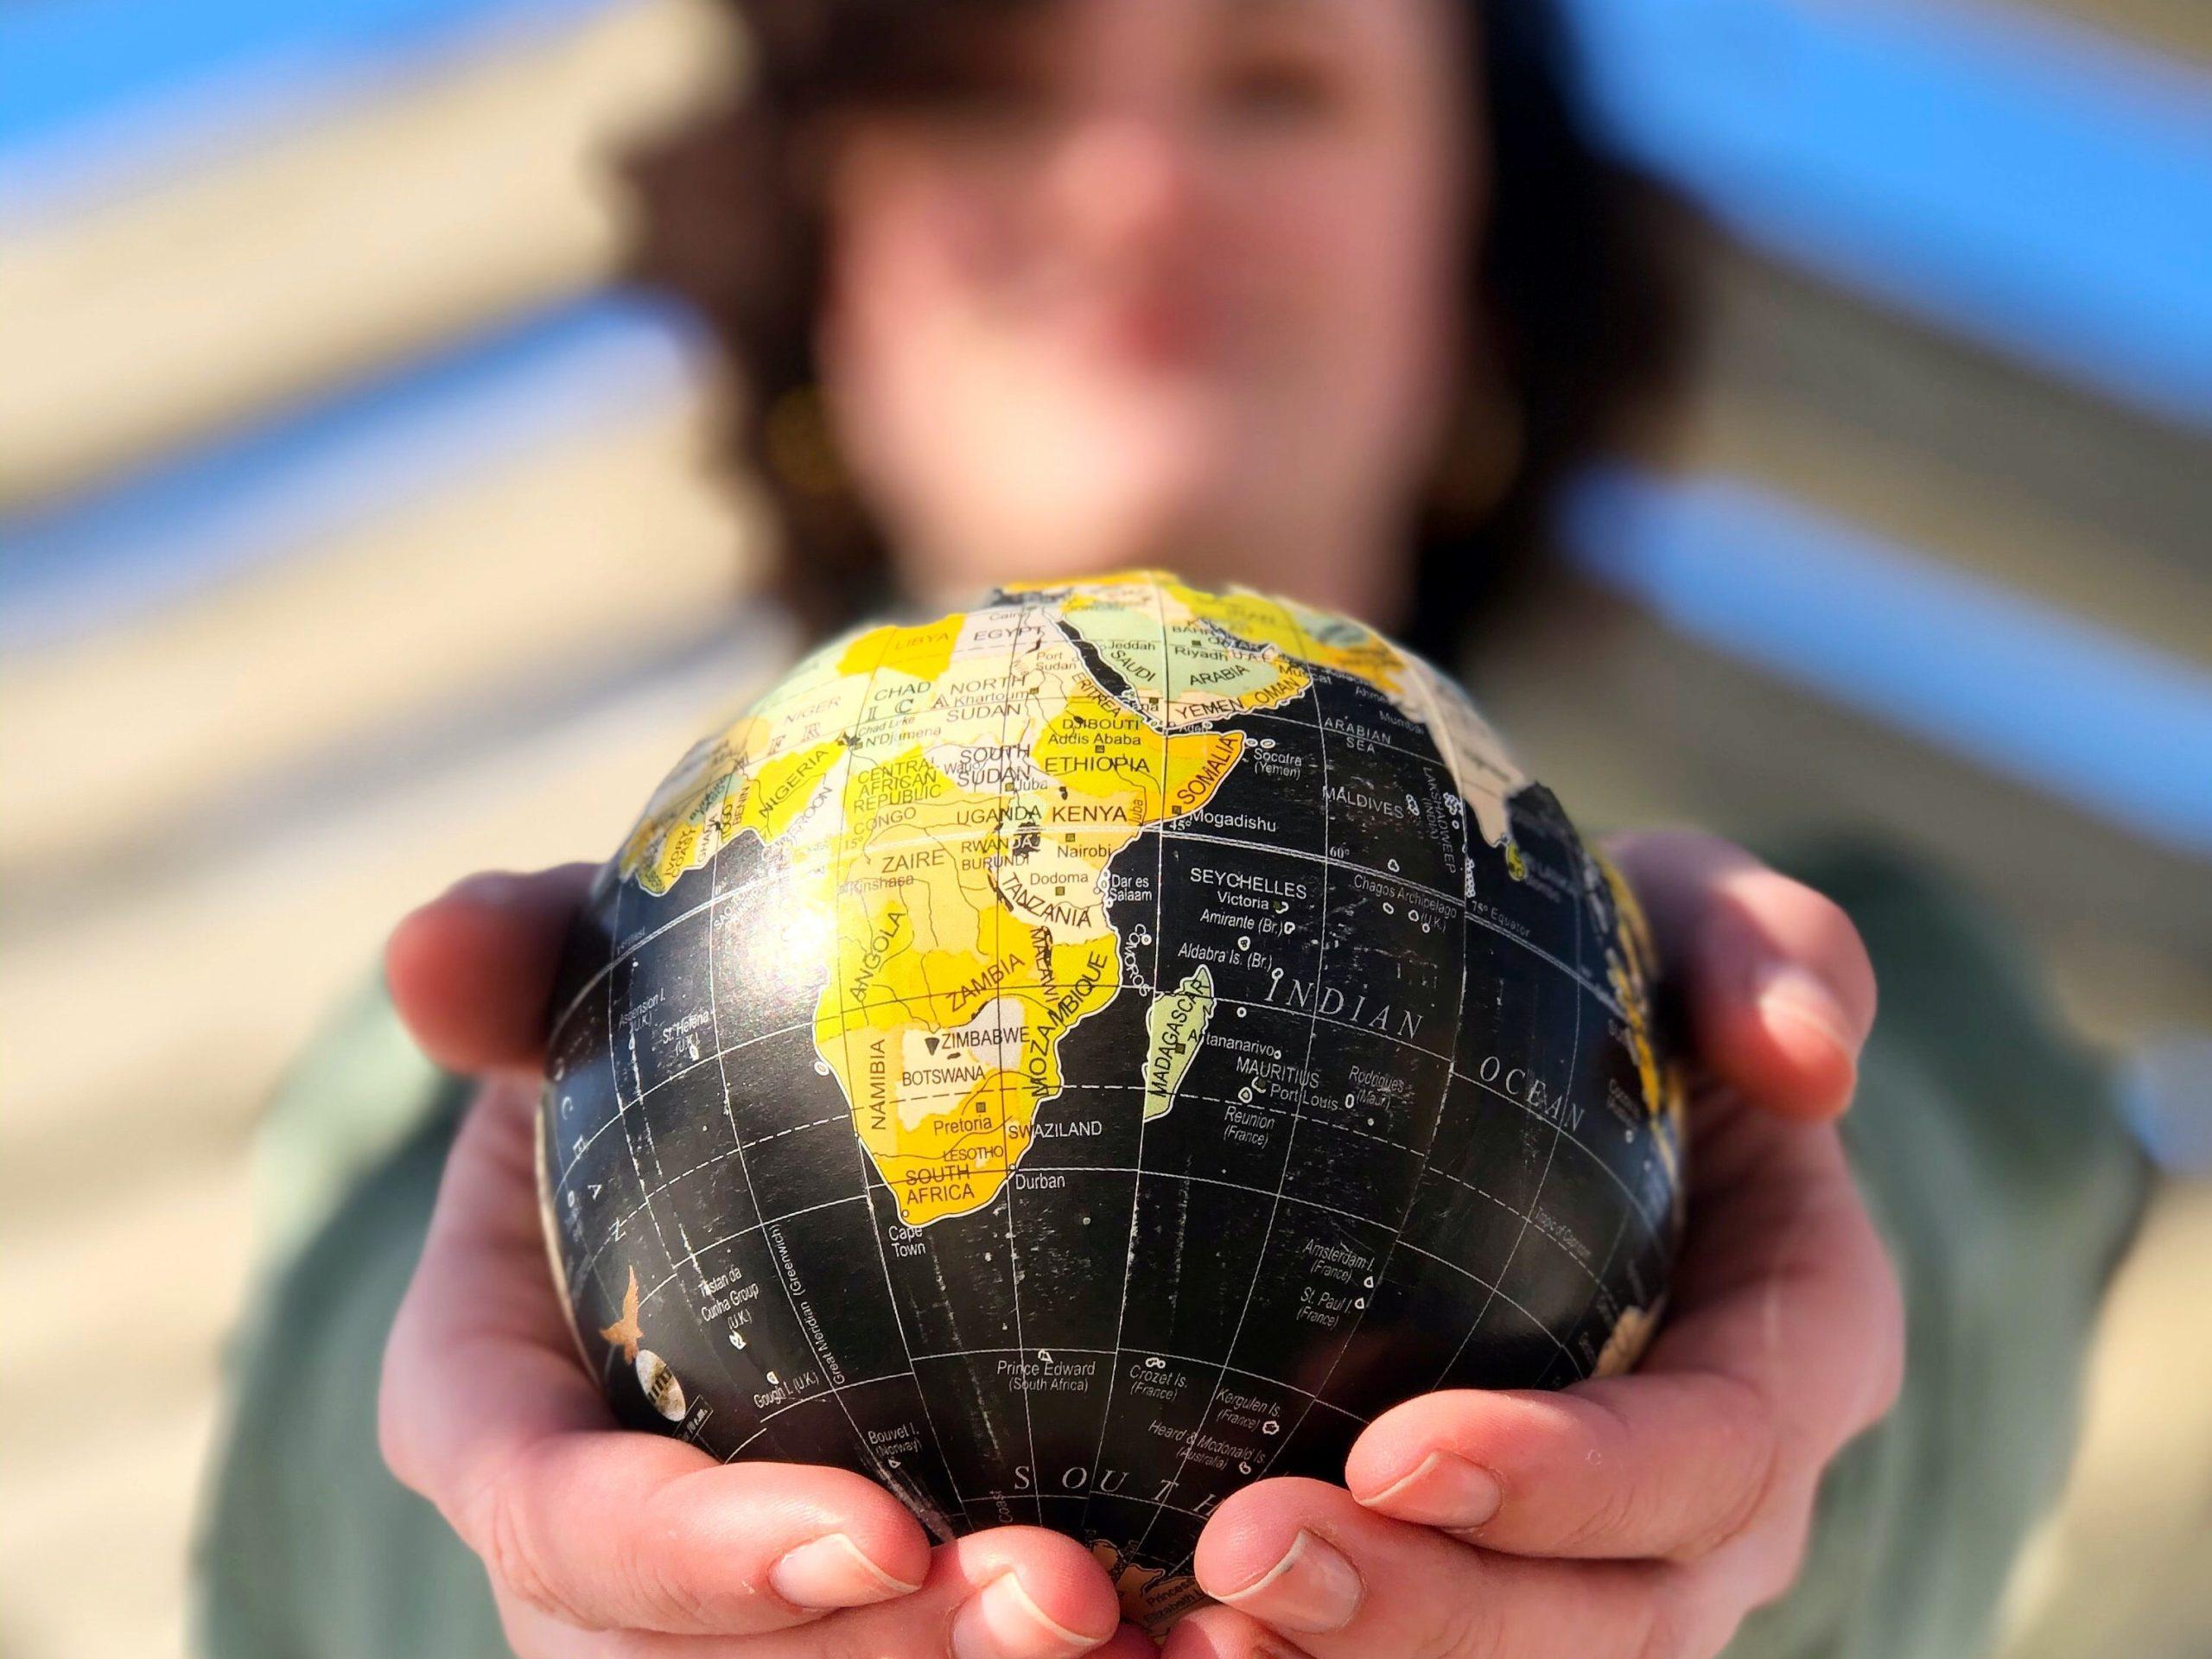 Punkt Informacji dla Obcokrajowców w Krakowie - rozszerzenie oferty językowej udzielanych (zdjęcie kobiety trzymającej mały globus) porad